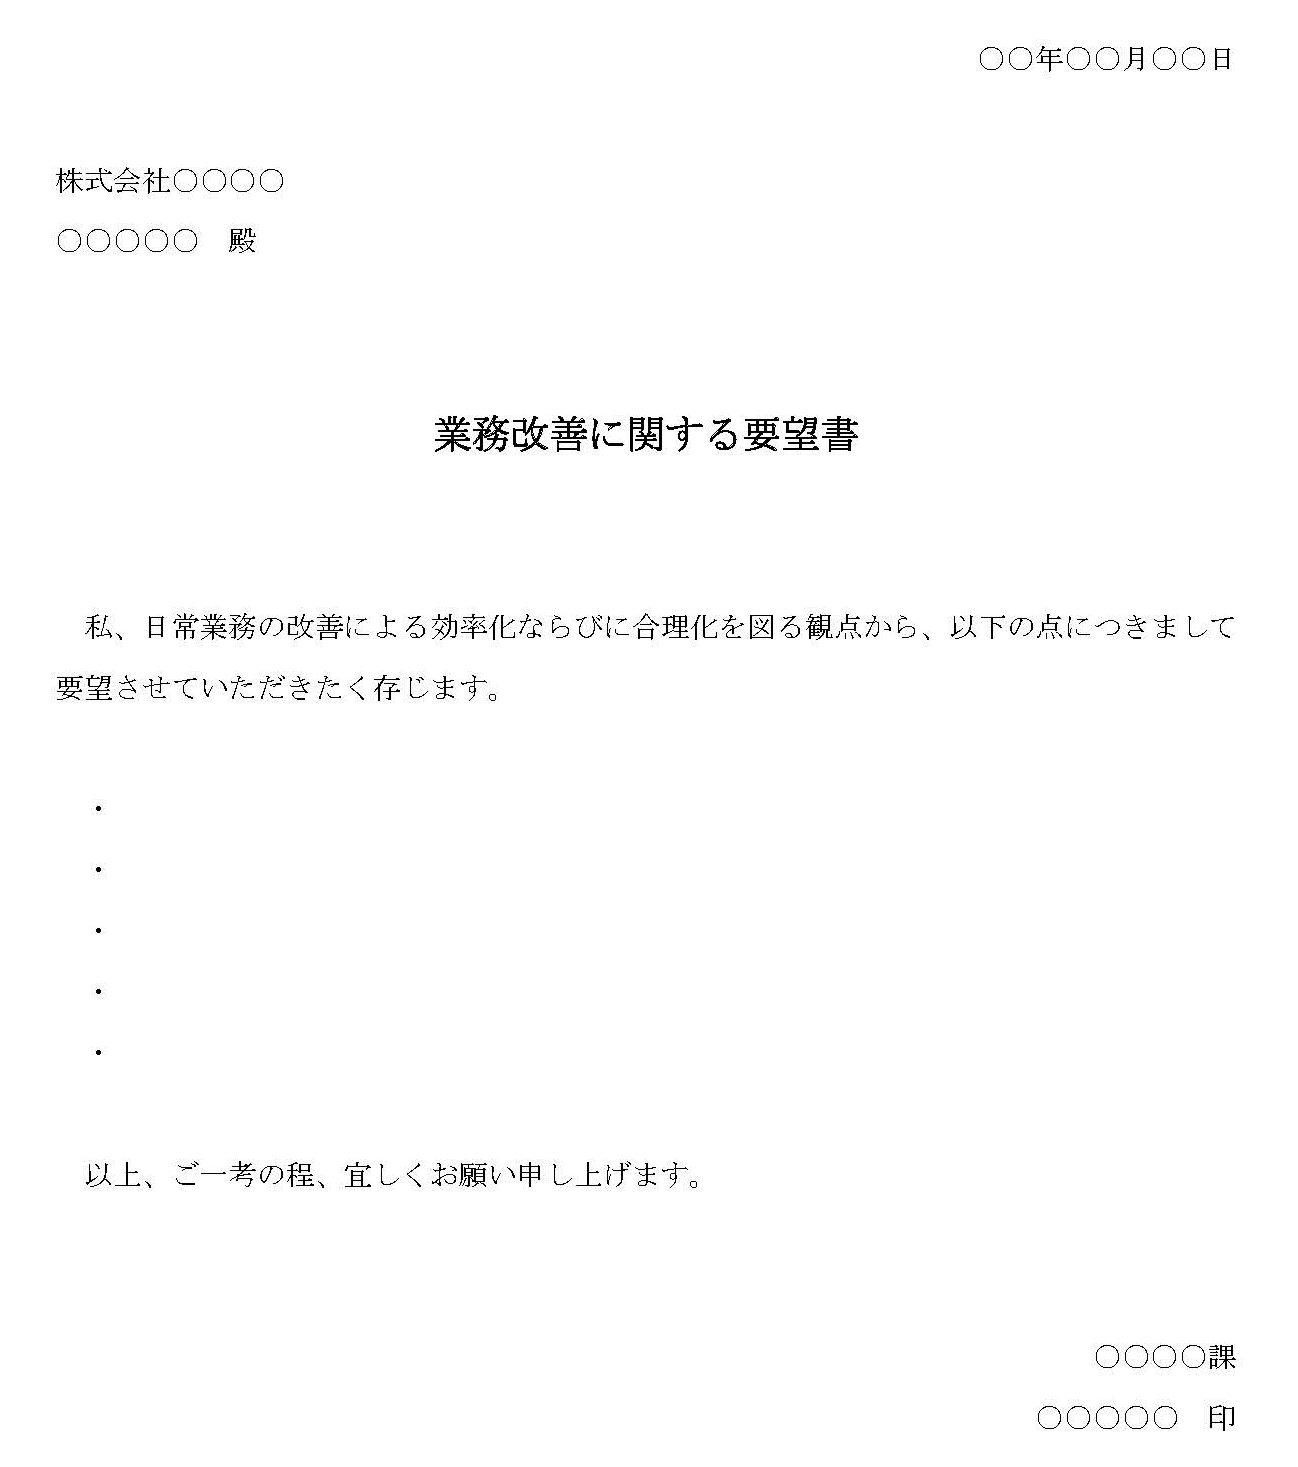 要望書(業務改善に関して)